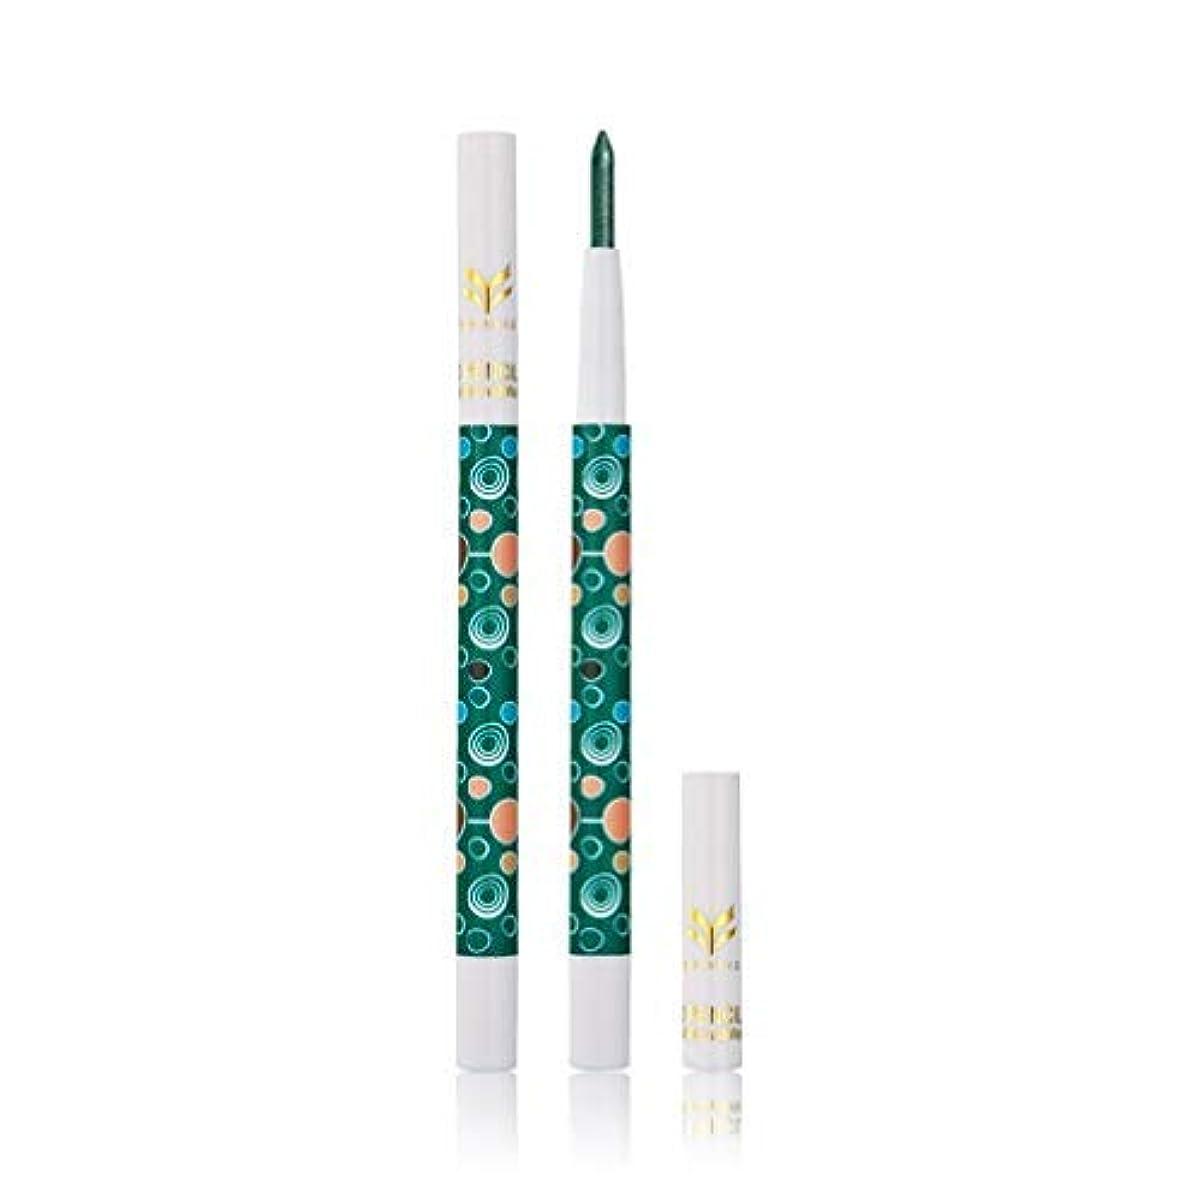 女王子孫多様な美容化粧品ツールロータリーデザイン蛍光ペンアイシャドー鉛筆化粧品のグリッターアイシャドウアイライナーペン